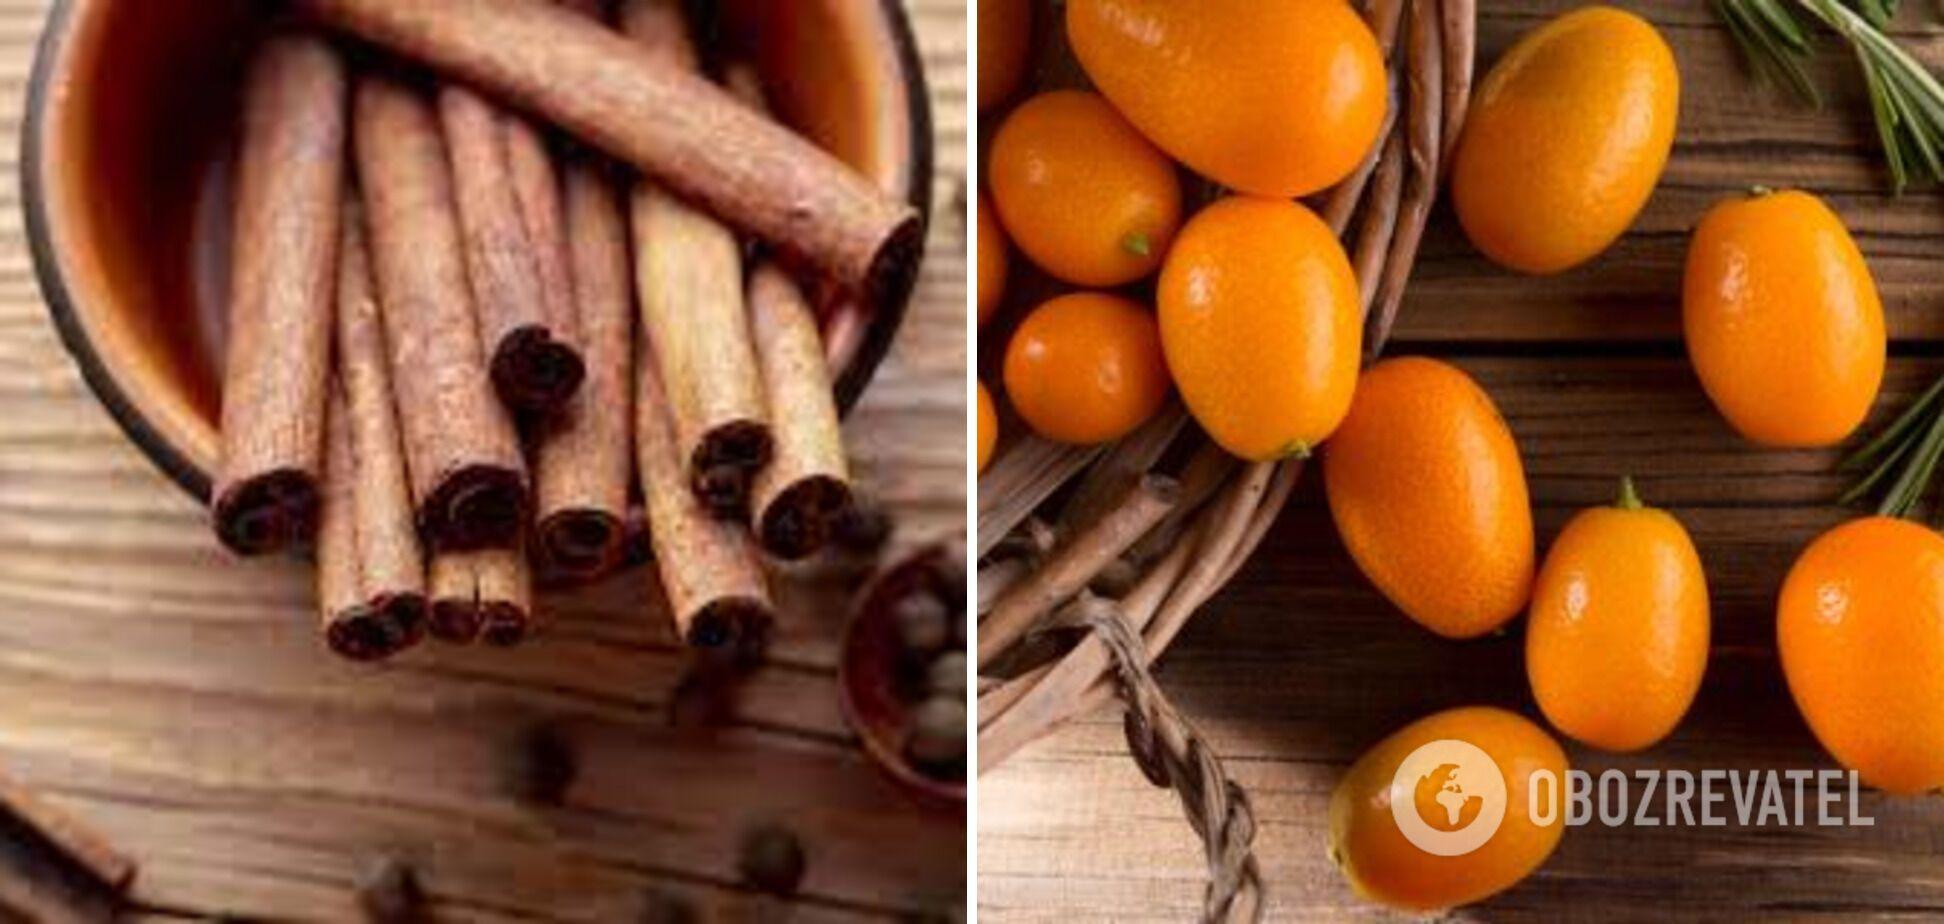 Корица и кумкват – ингредиенты для чая